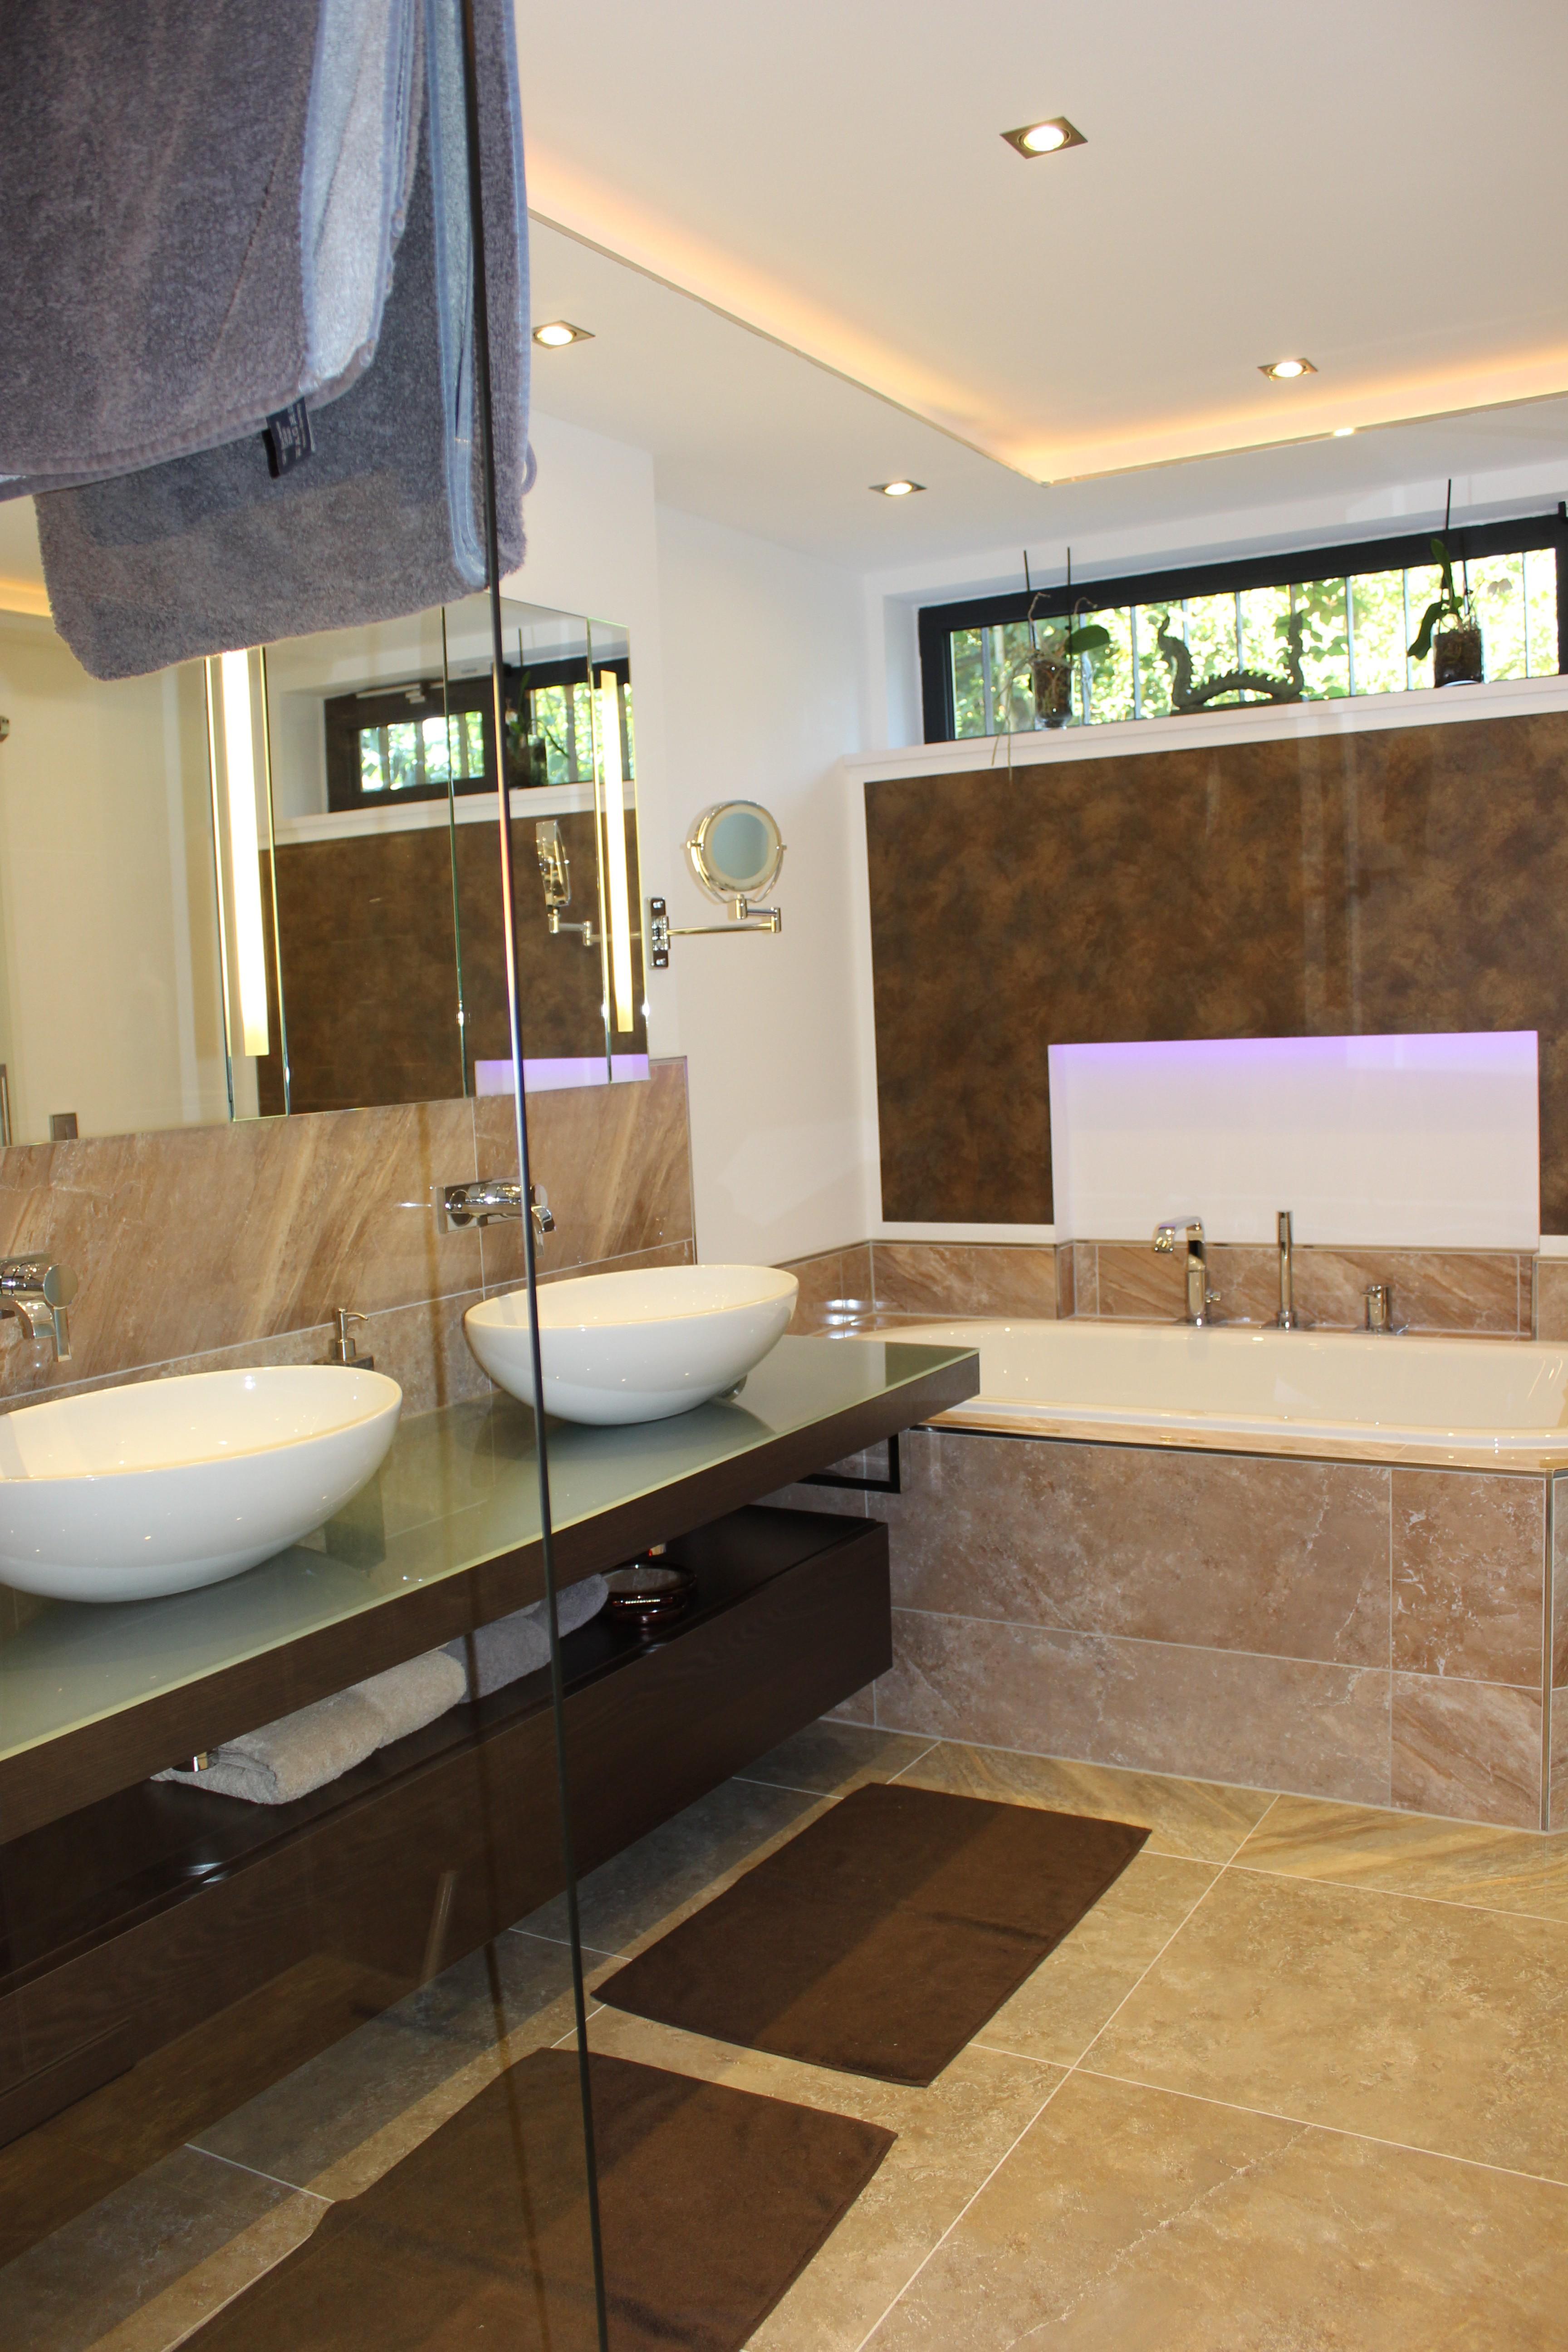 Neugestaltung eines badezimmers petra meyer architektin for Gestaltung eines badezimmers